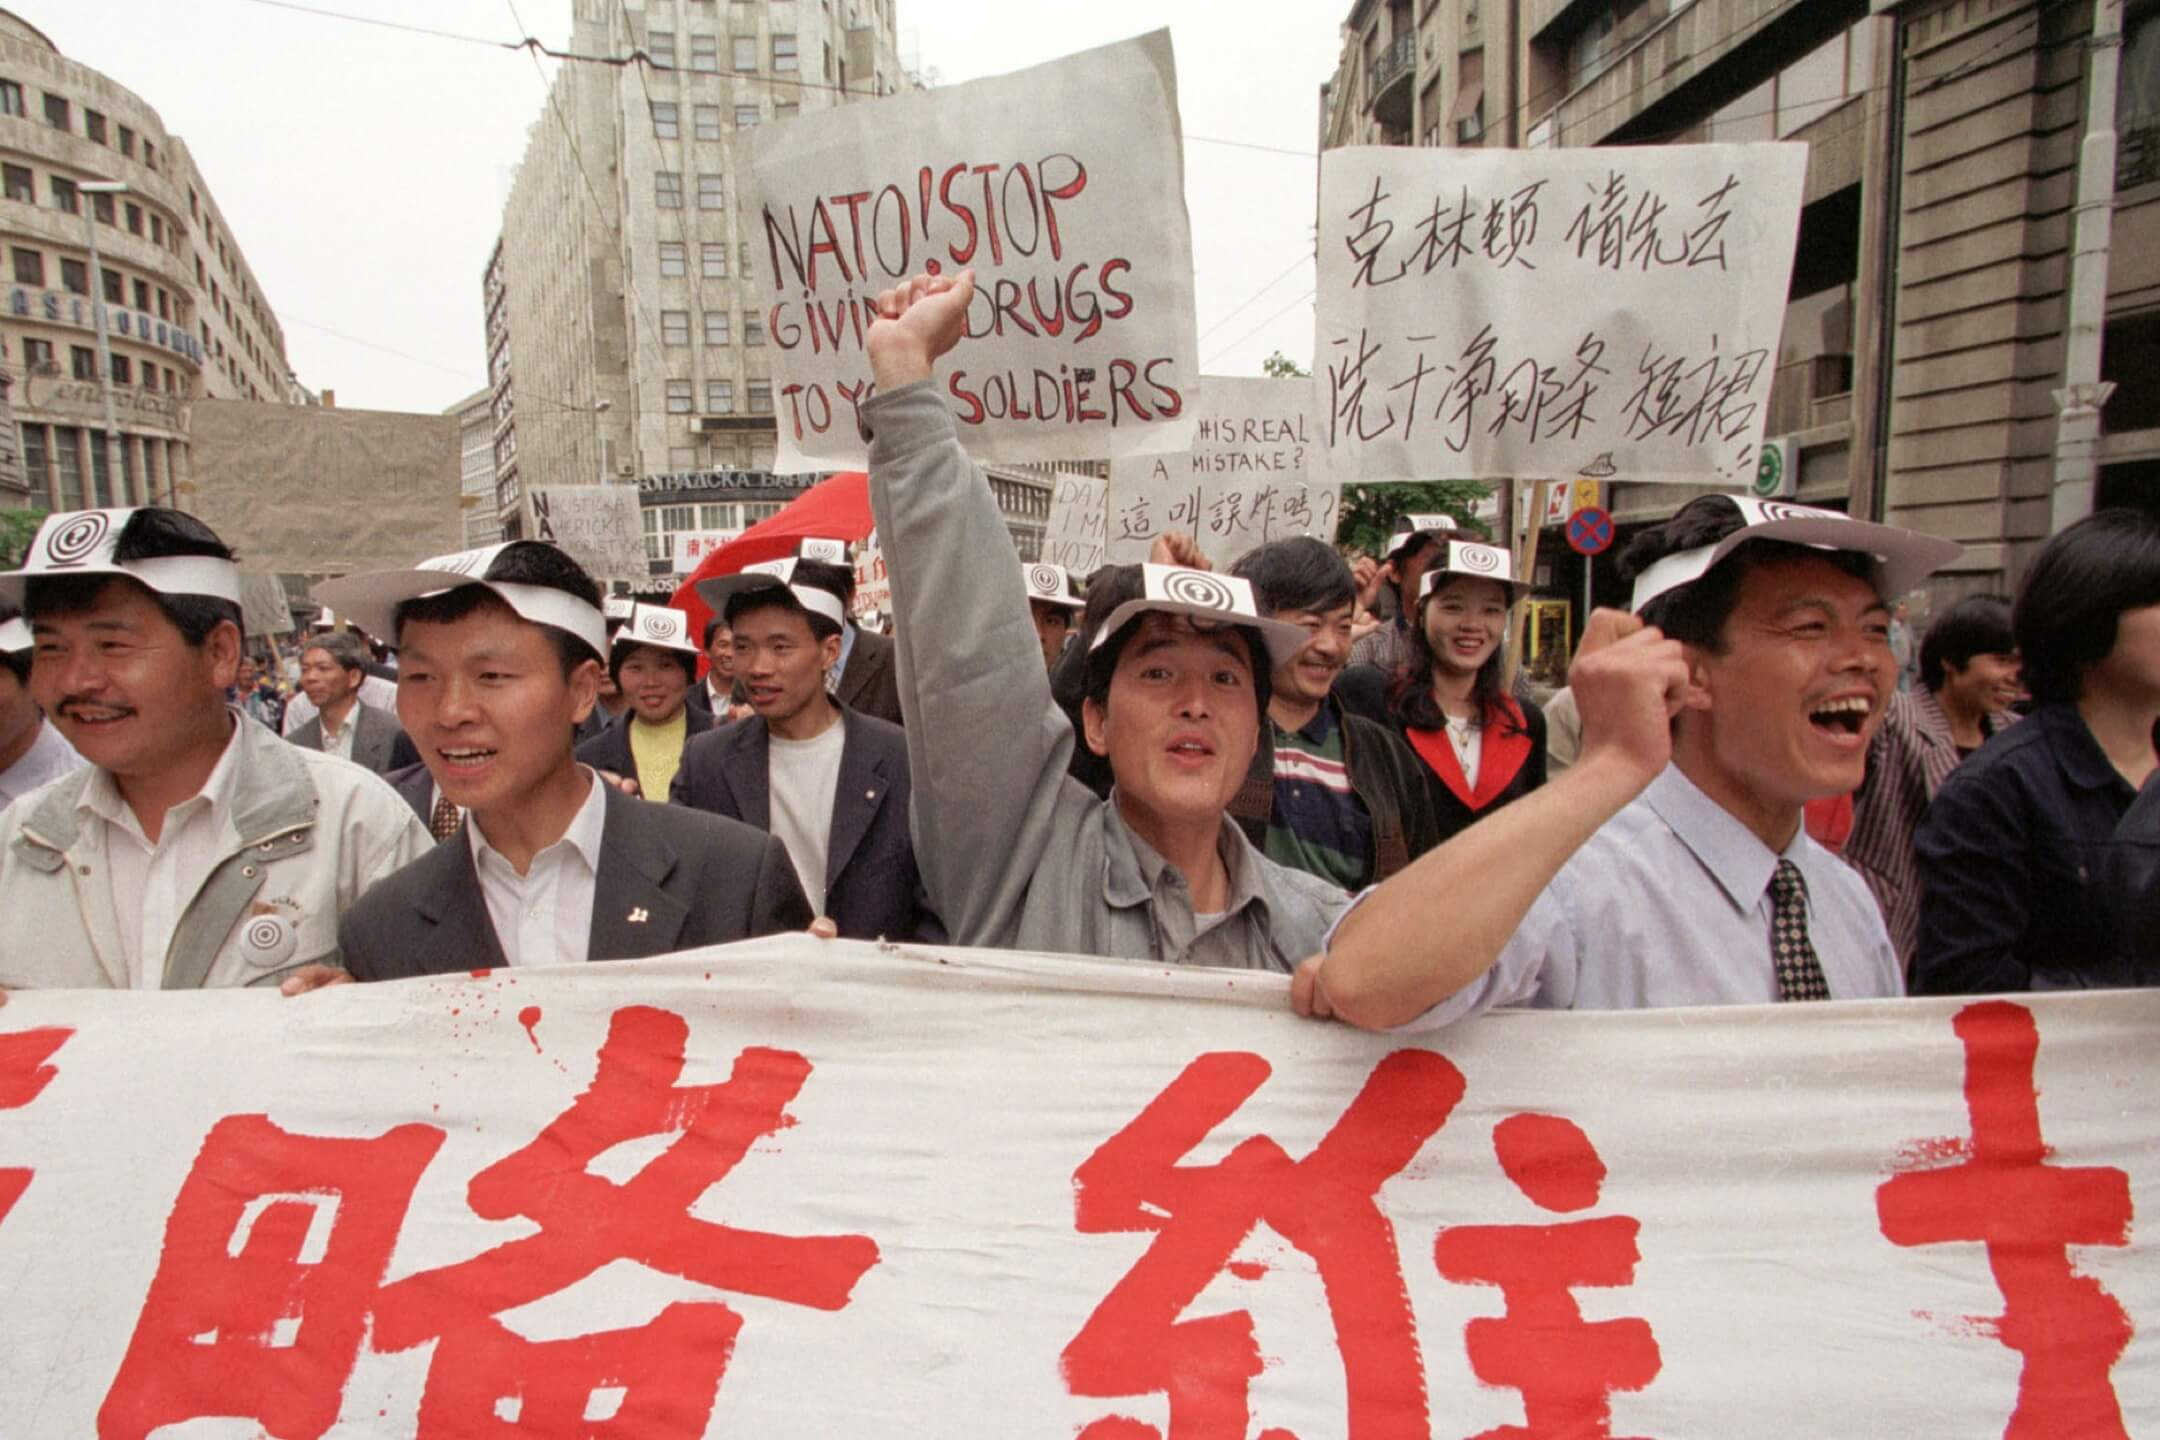 2001年5月9日,為紀念北約轟炸貝爾格萊德的中國駐南聯盟大使館事件,約200名華僑在貝爾格萊德市中心示威,要求北約停止對南斯拉夫的空襲。 攝:Sovfoto/Universal Images Group via Getty Images